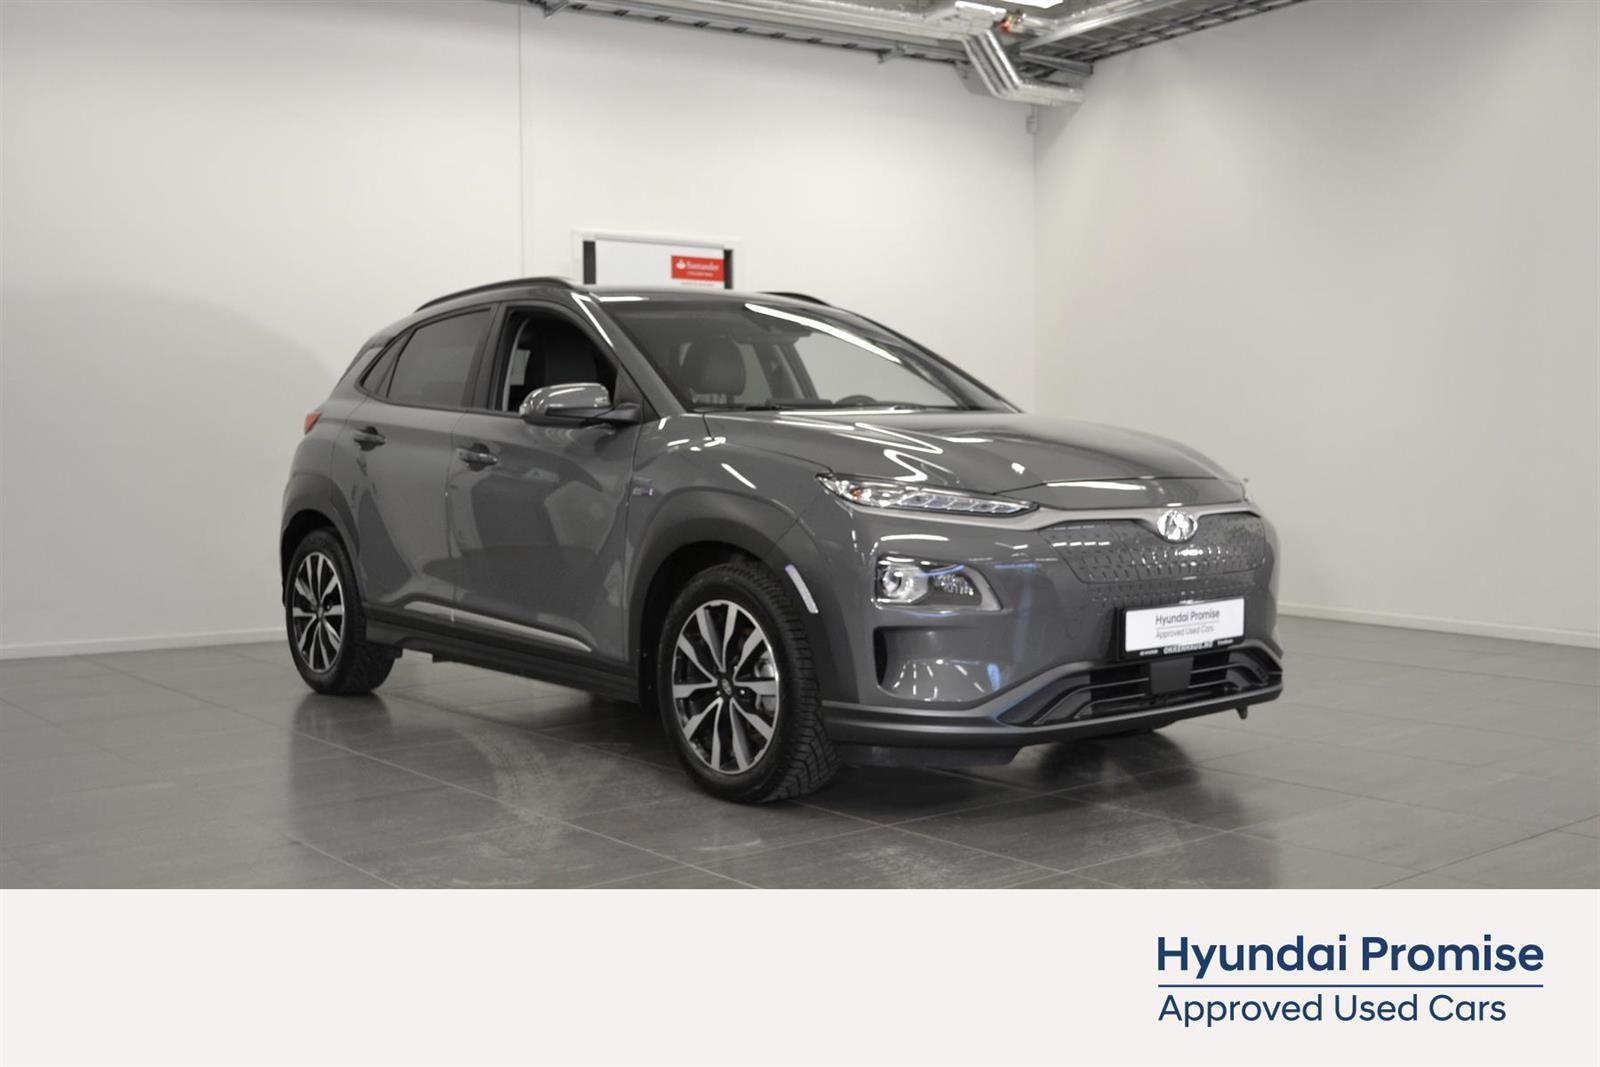 Hyundai Kona Slide 0